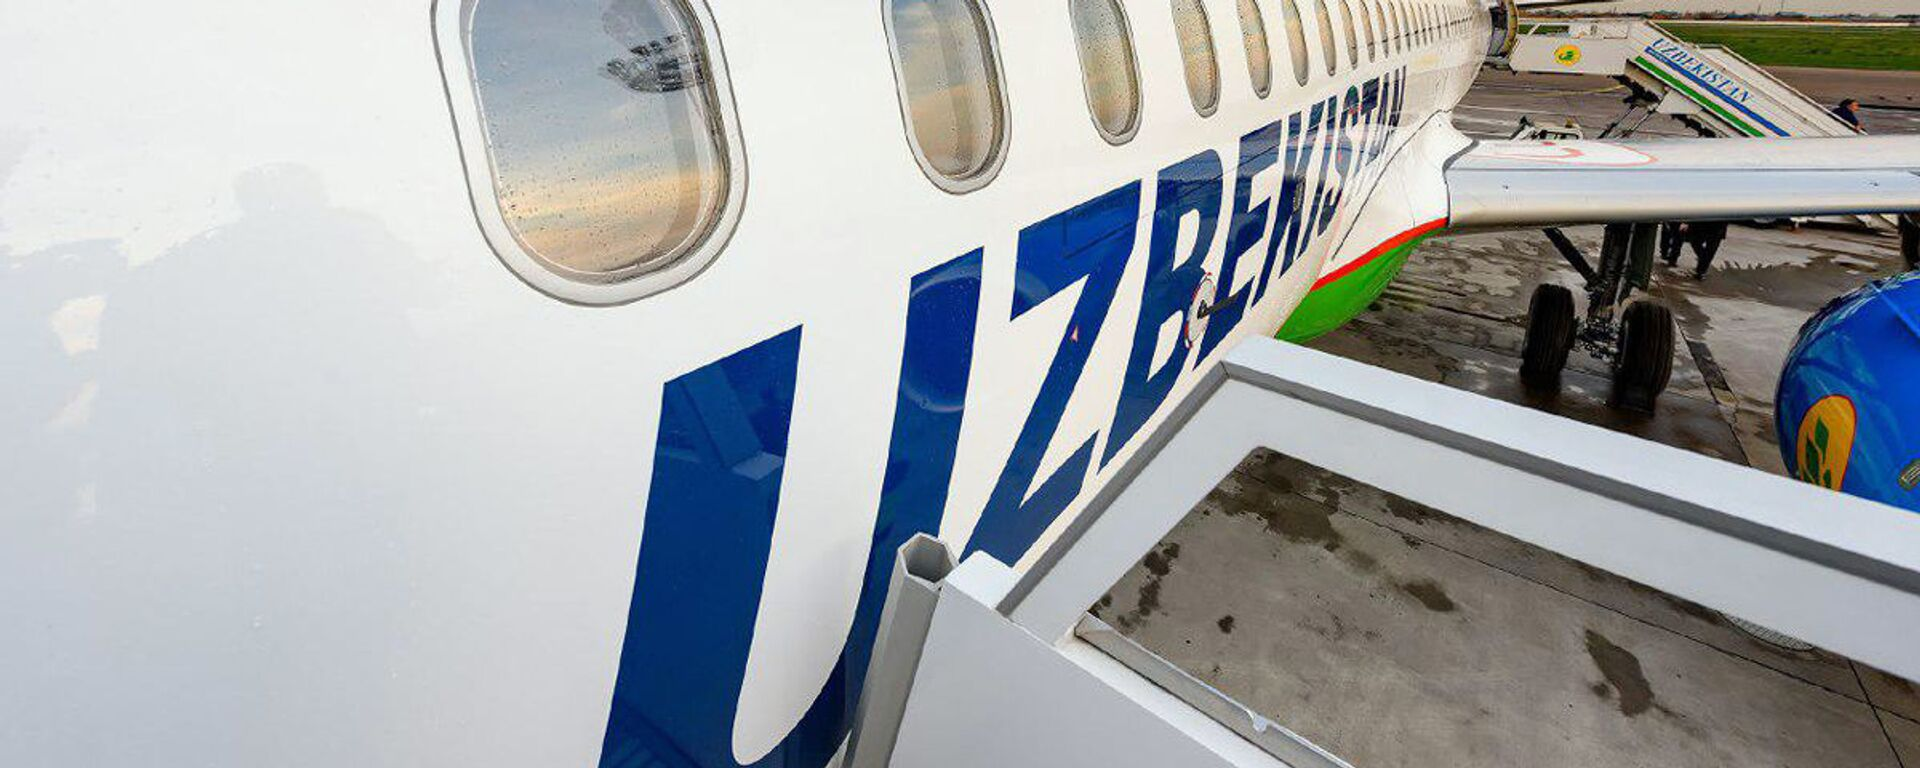 Airbus поставил первый A320neo для Узбекистон хаво йуллари - Sputnik Таджикистан, 1920, 11.05.2021